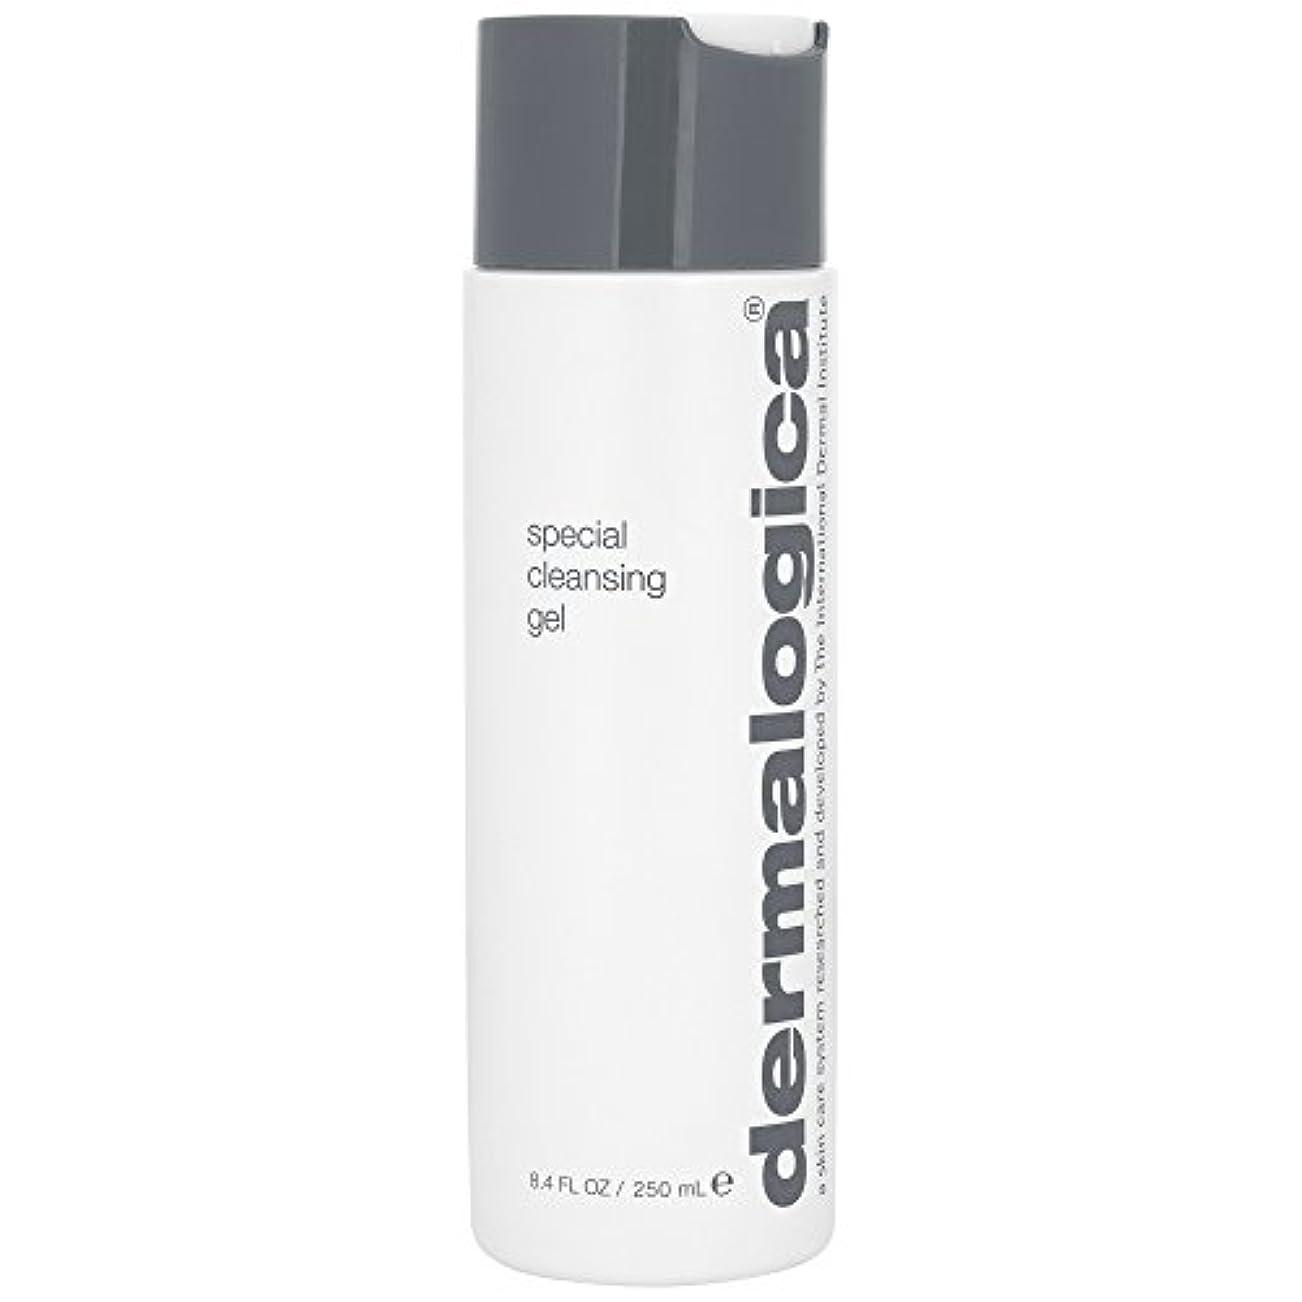 ブルーベル病んでいる消毒剤ダーマロジカ特別なクレンジングゲル250ミリリットル (Dermalogica) - Dermalogica Special Cleansing Gel 250ml [並行輸入品]